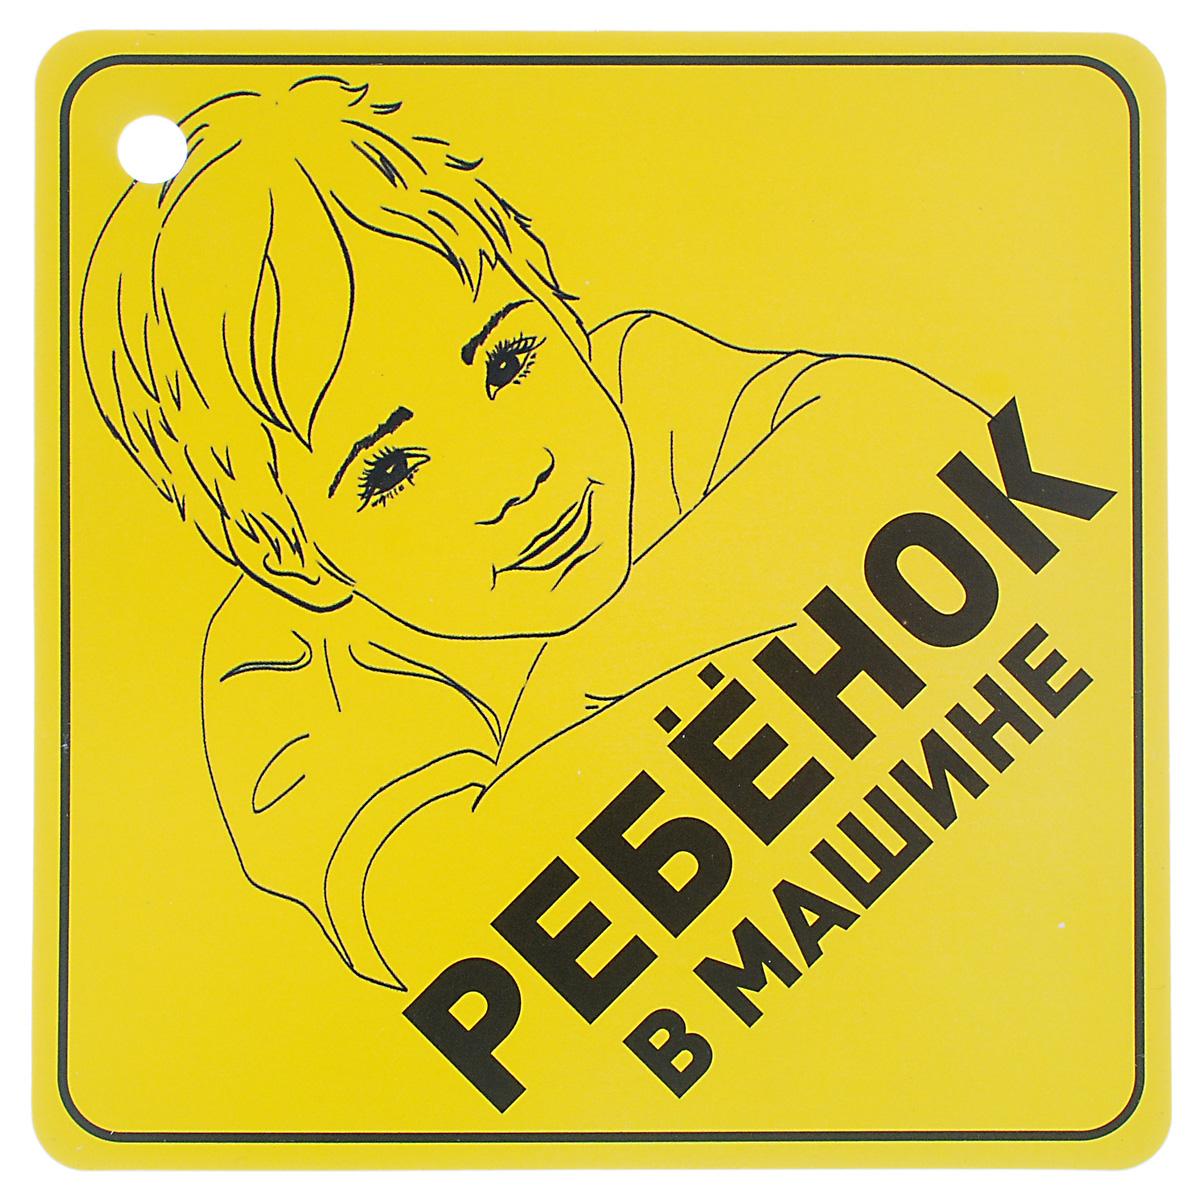 Карточка автомобильная Sapfire Ребенок в машине, мальчикSCH-0731 мальчикАвтомобильная карточка Sapfire сообщит автовладельцам о том, что у вас в машине находится ребенок. Выполнена из ПВХ. Крепится на стекло с помощью присоски.